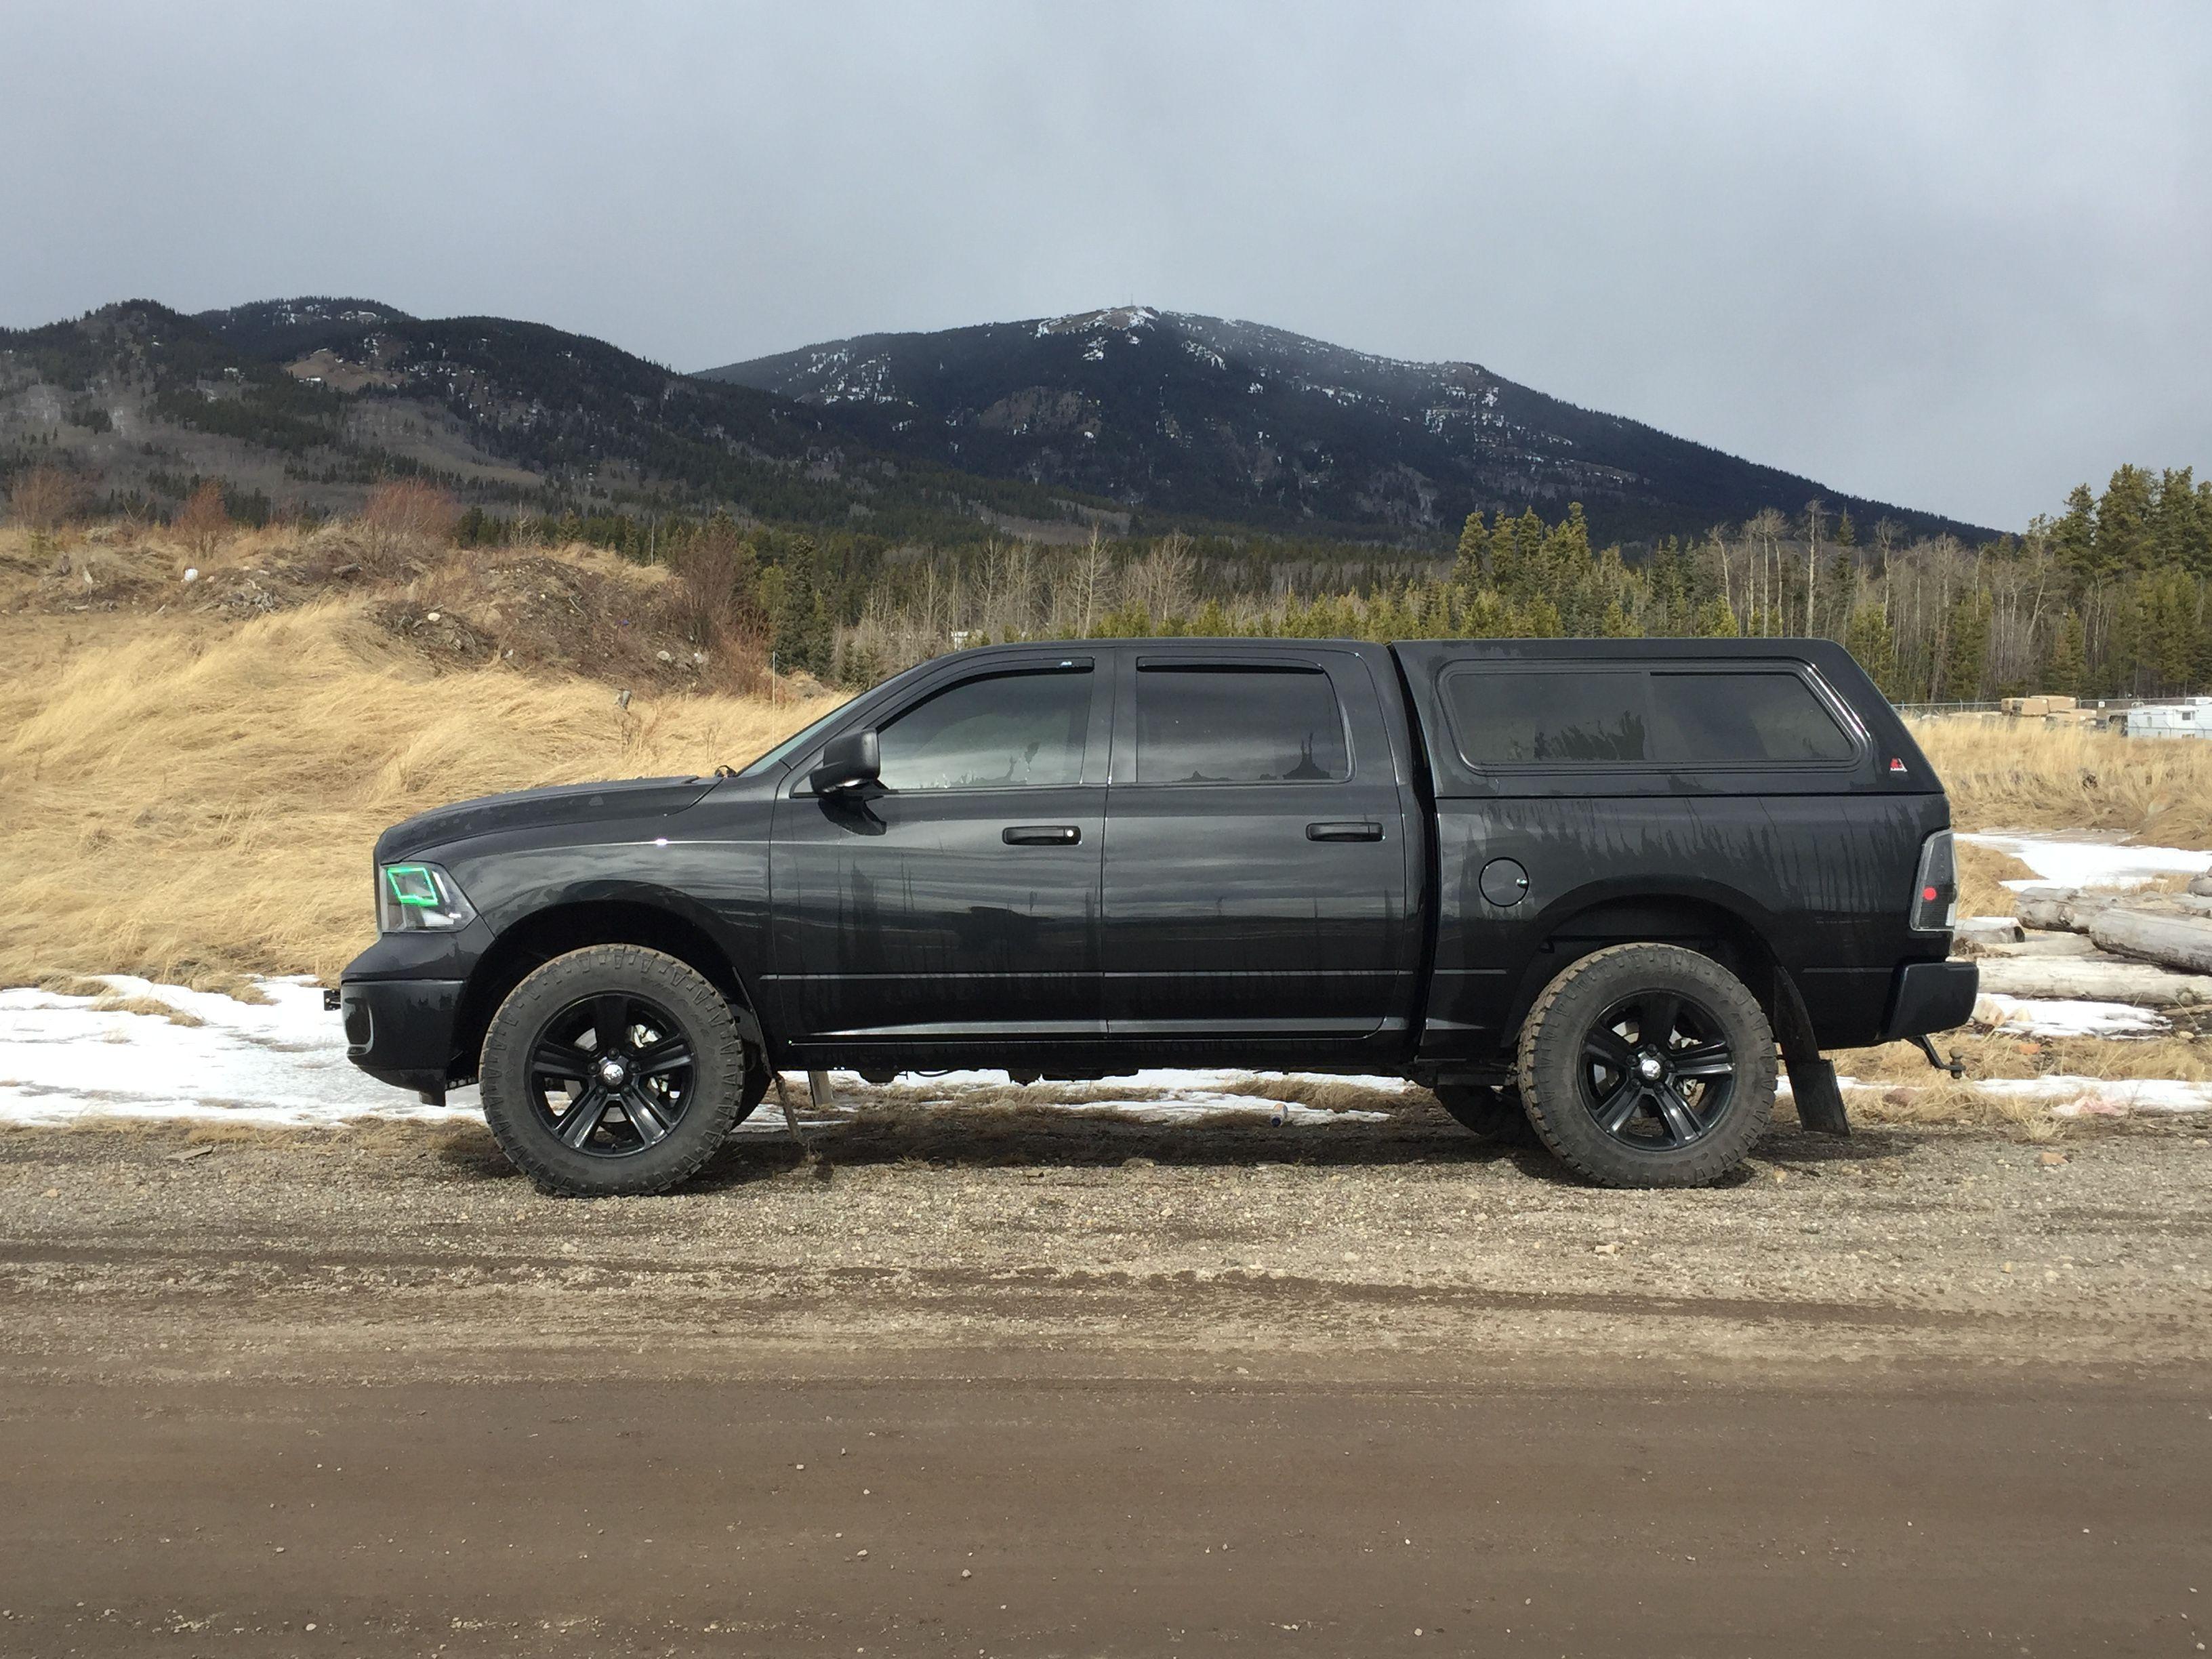 Img 0619 1 Jpg 3264 X 2448 31 Truck Caps Camper Shells Ram 1500 Diesel